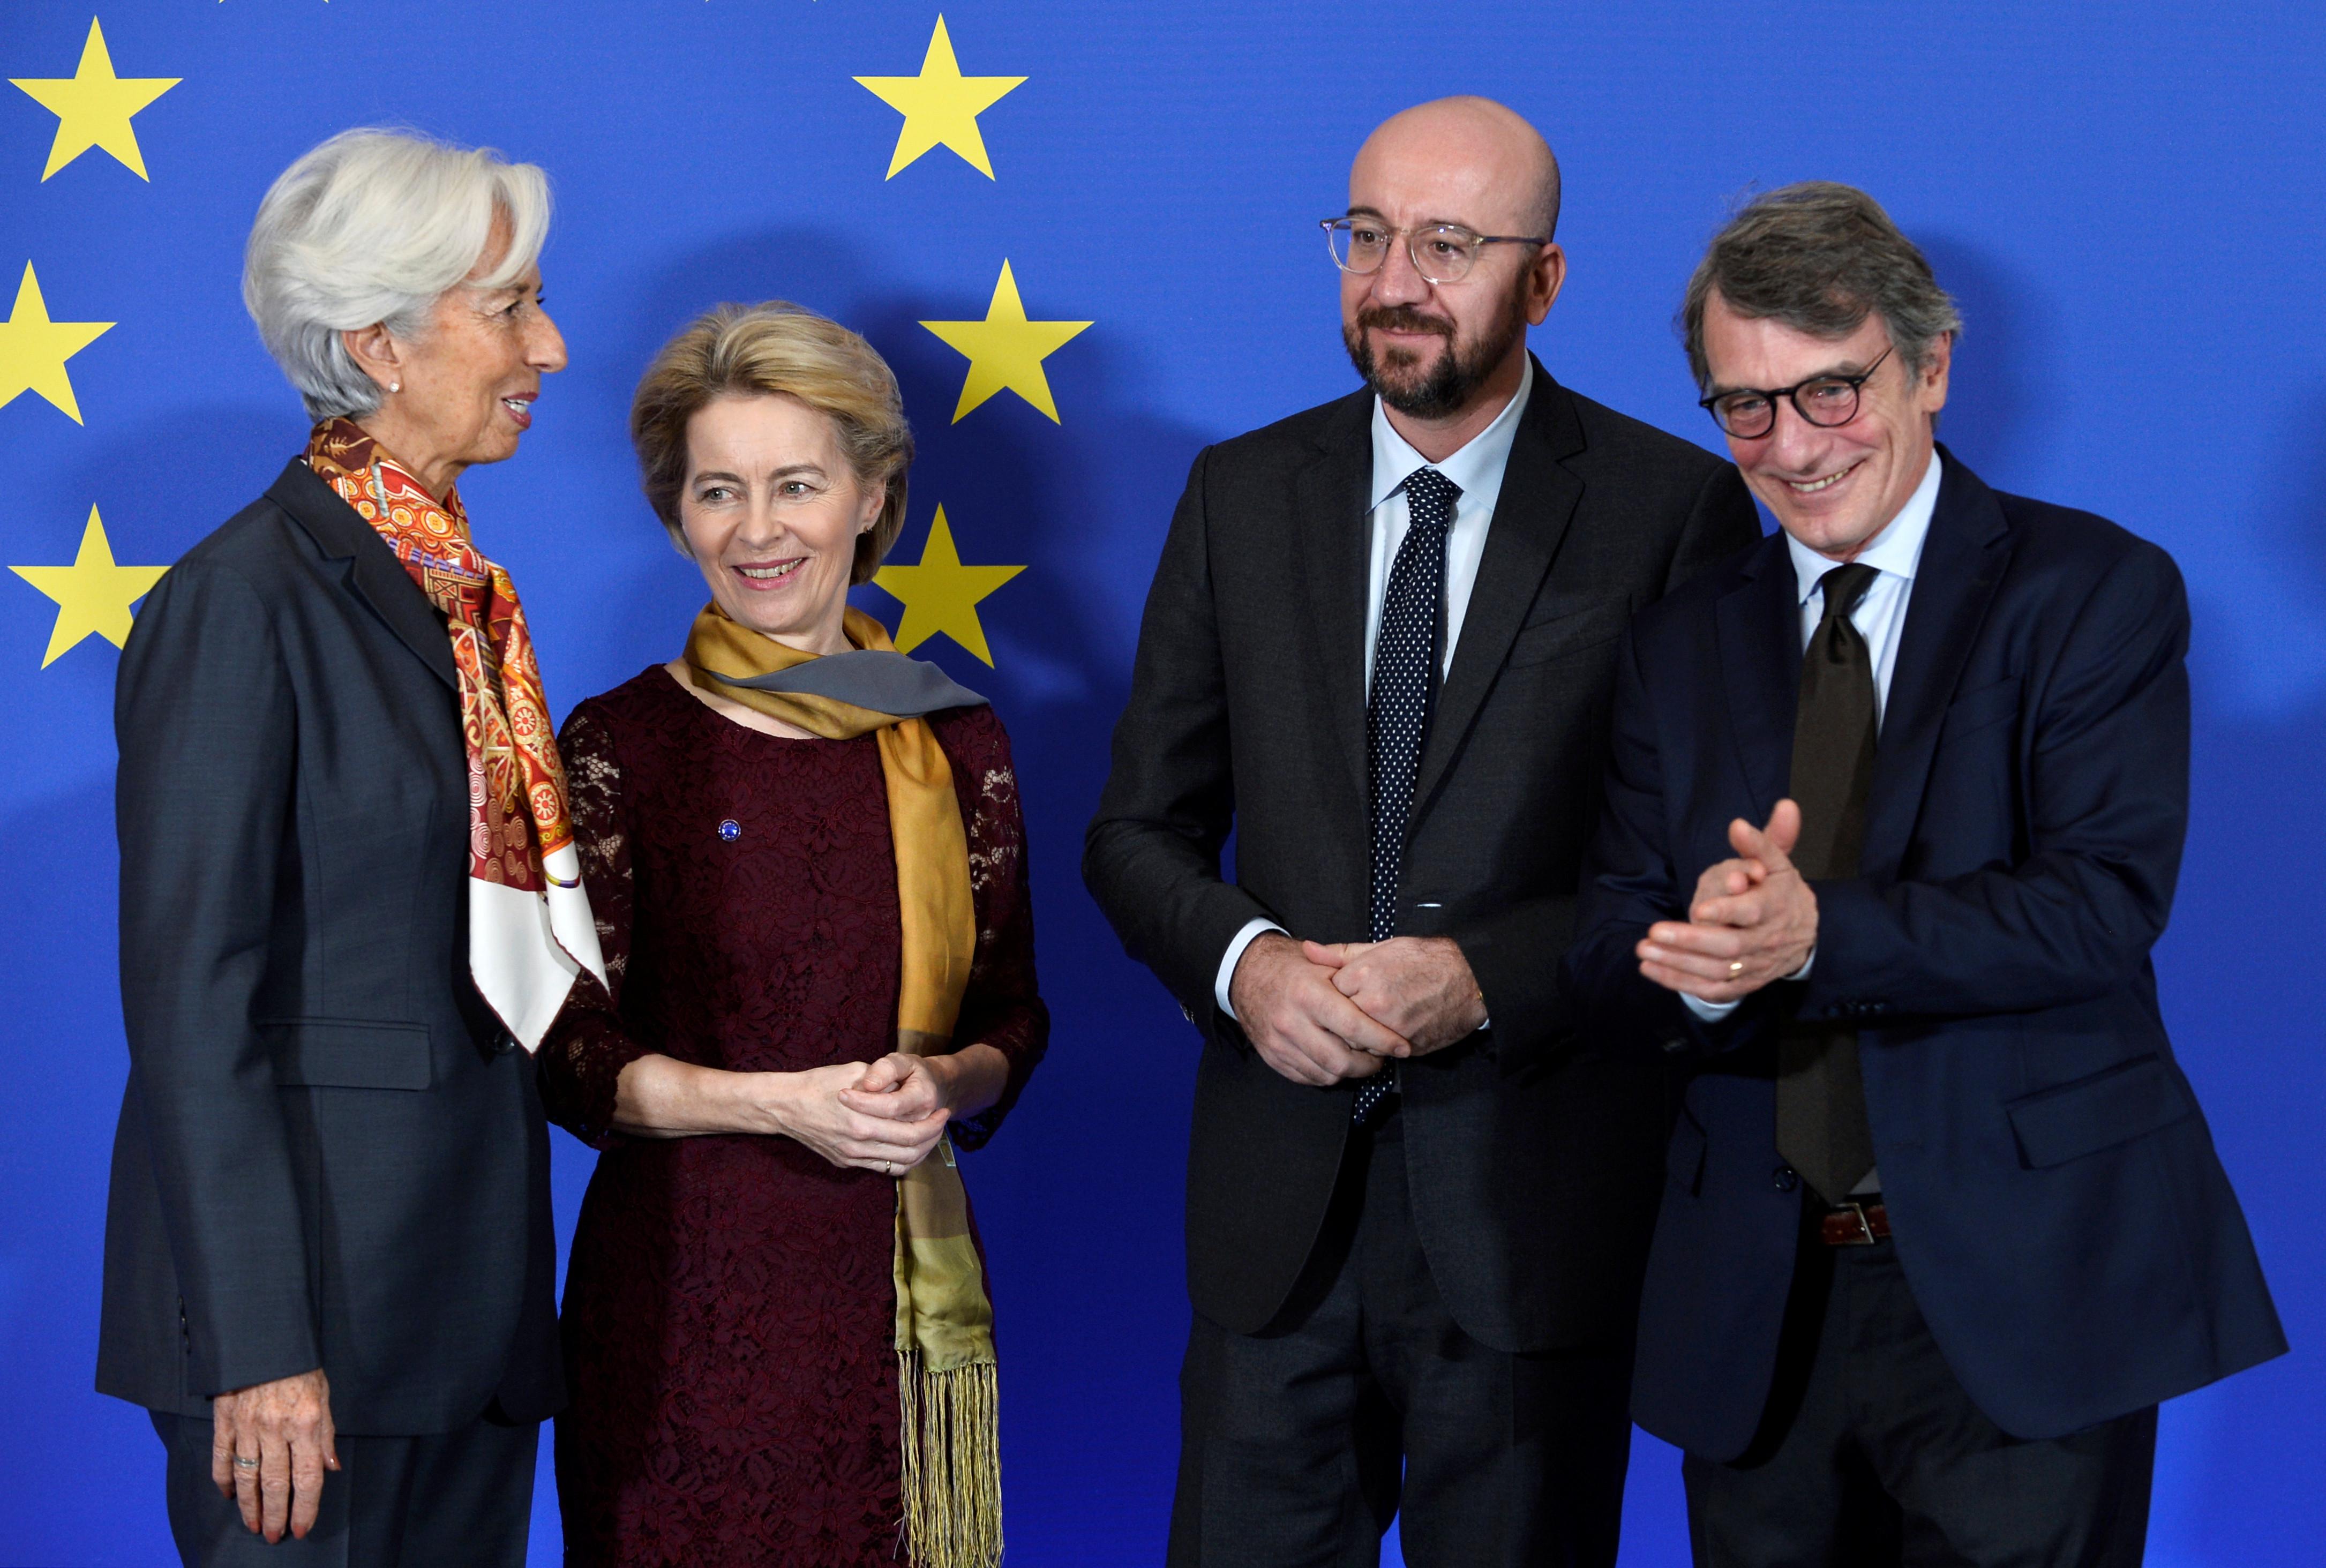 ▲▼左起歐洲中央銀行總裁拉加德、馮德萊恩(Ursula von der Leyen)、比利時前總理、歐洲理事會新任主席米歇爾(Charles Michel )、歐洲議會議長薩索利(David Sassoli)。(圖/路透)